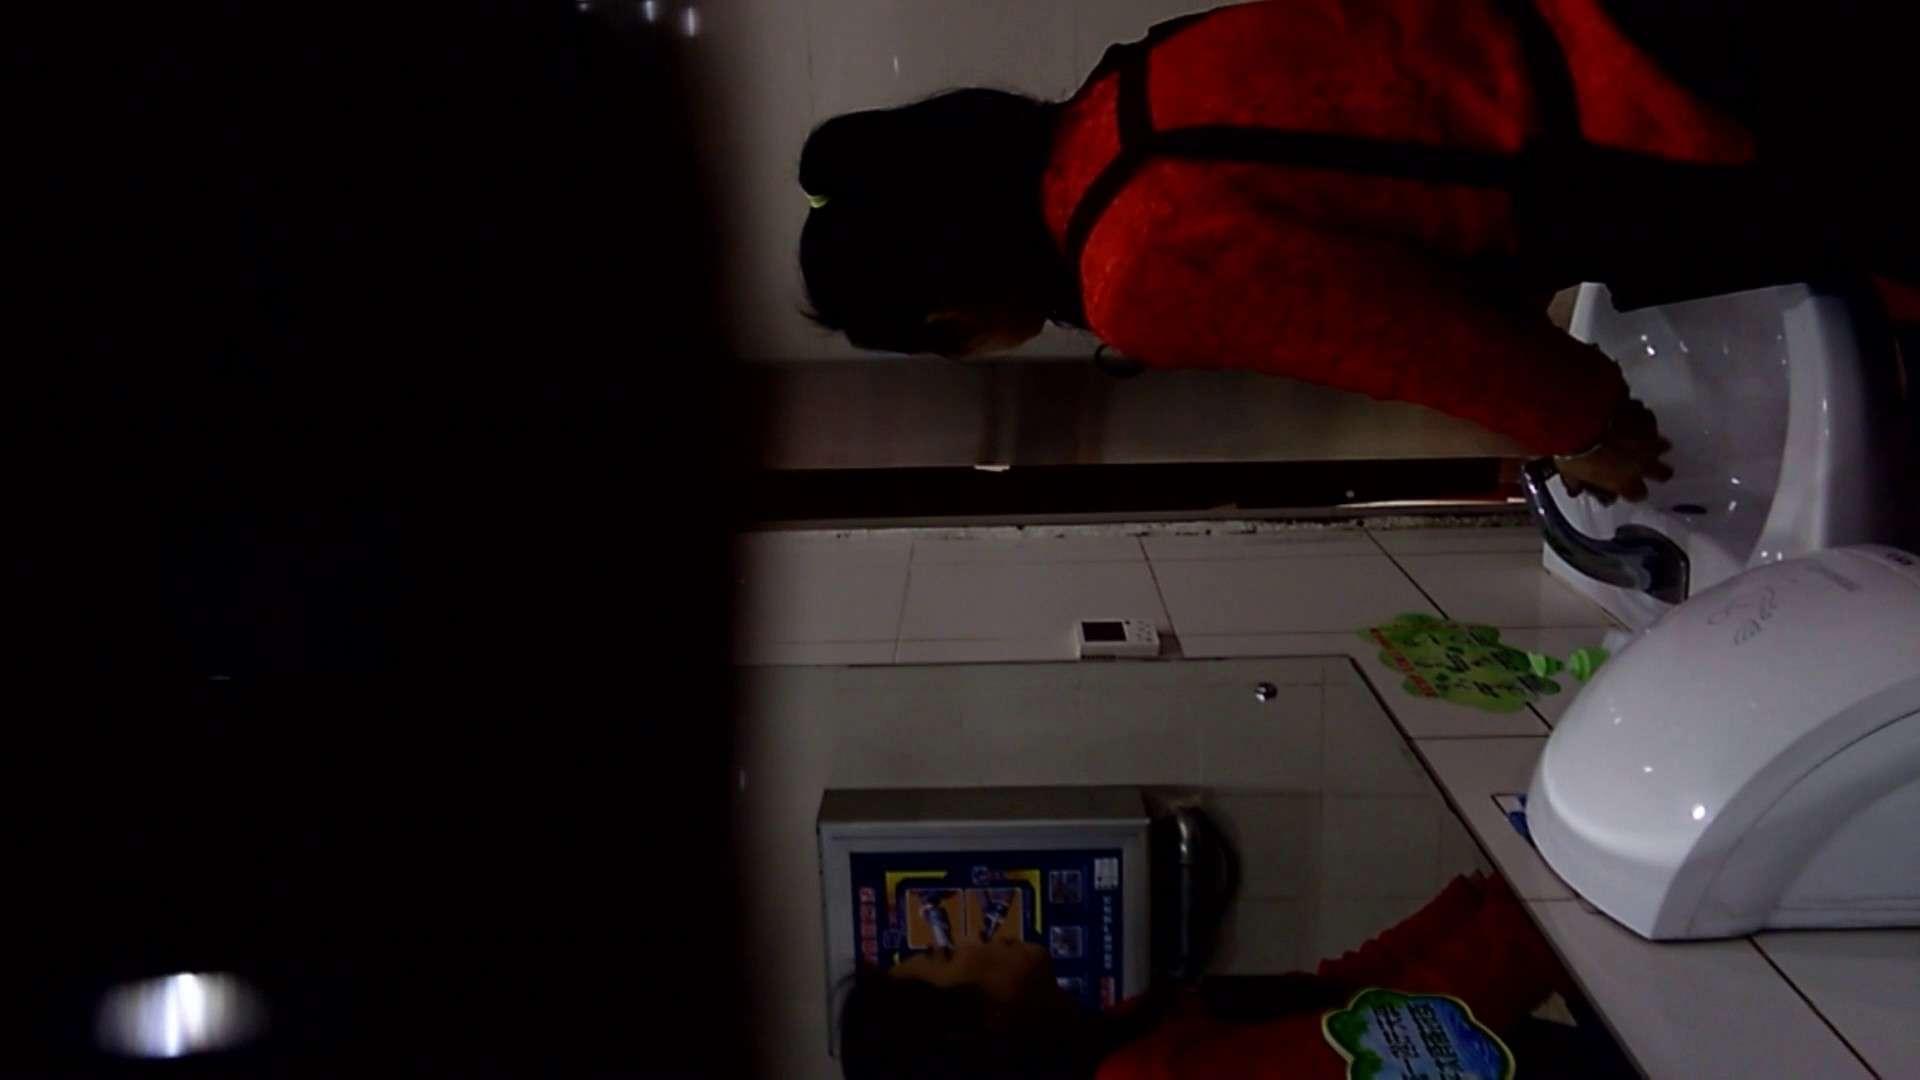 芸術大学ガチ潜入盗撮 JD盗撮 美女の洗面所の秘密 Vol.105 美女 セックス画像 68画像 58